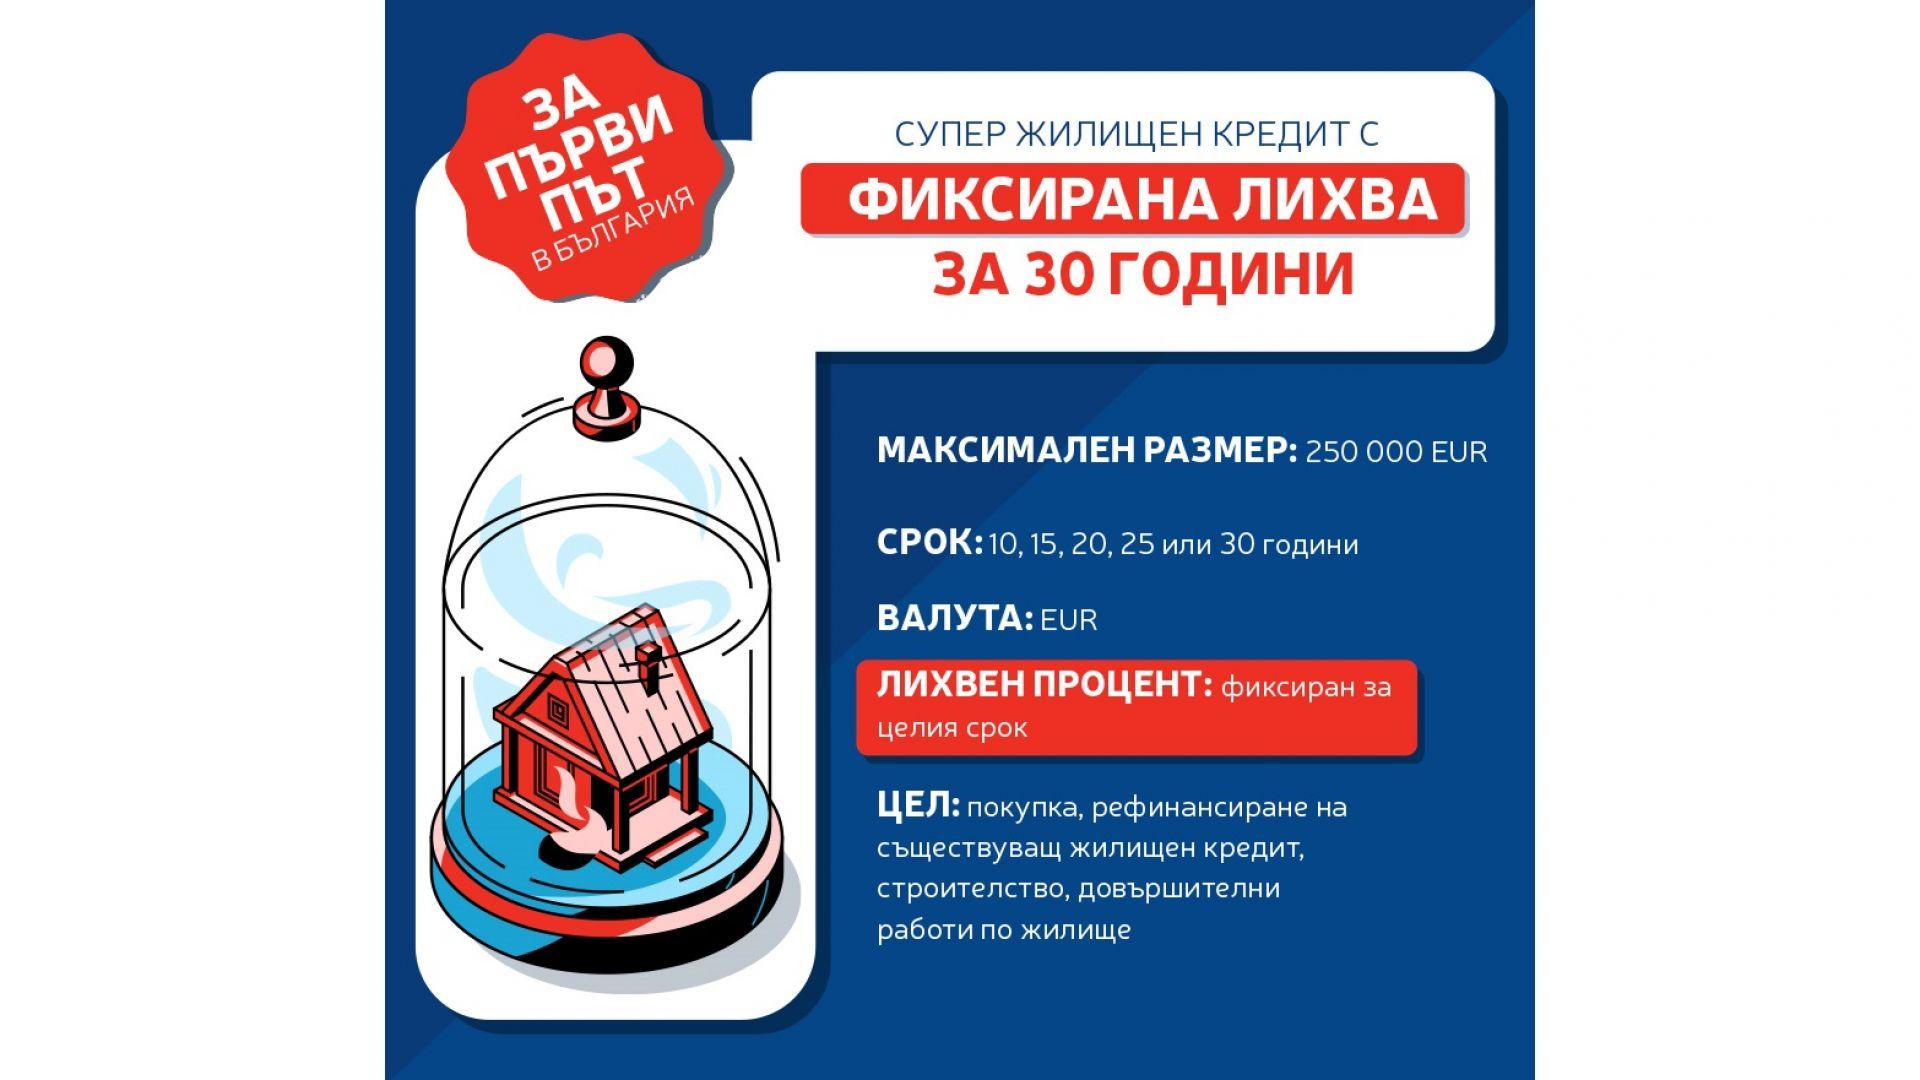 За първи път в България се предлага жилищен кредит с 30 години фиксирана лихва